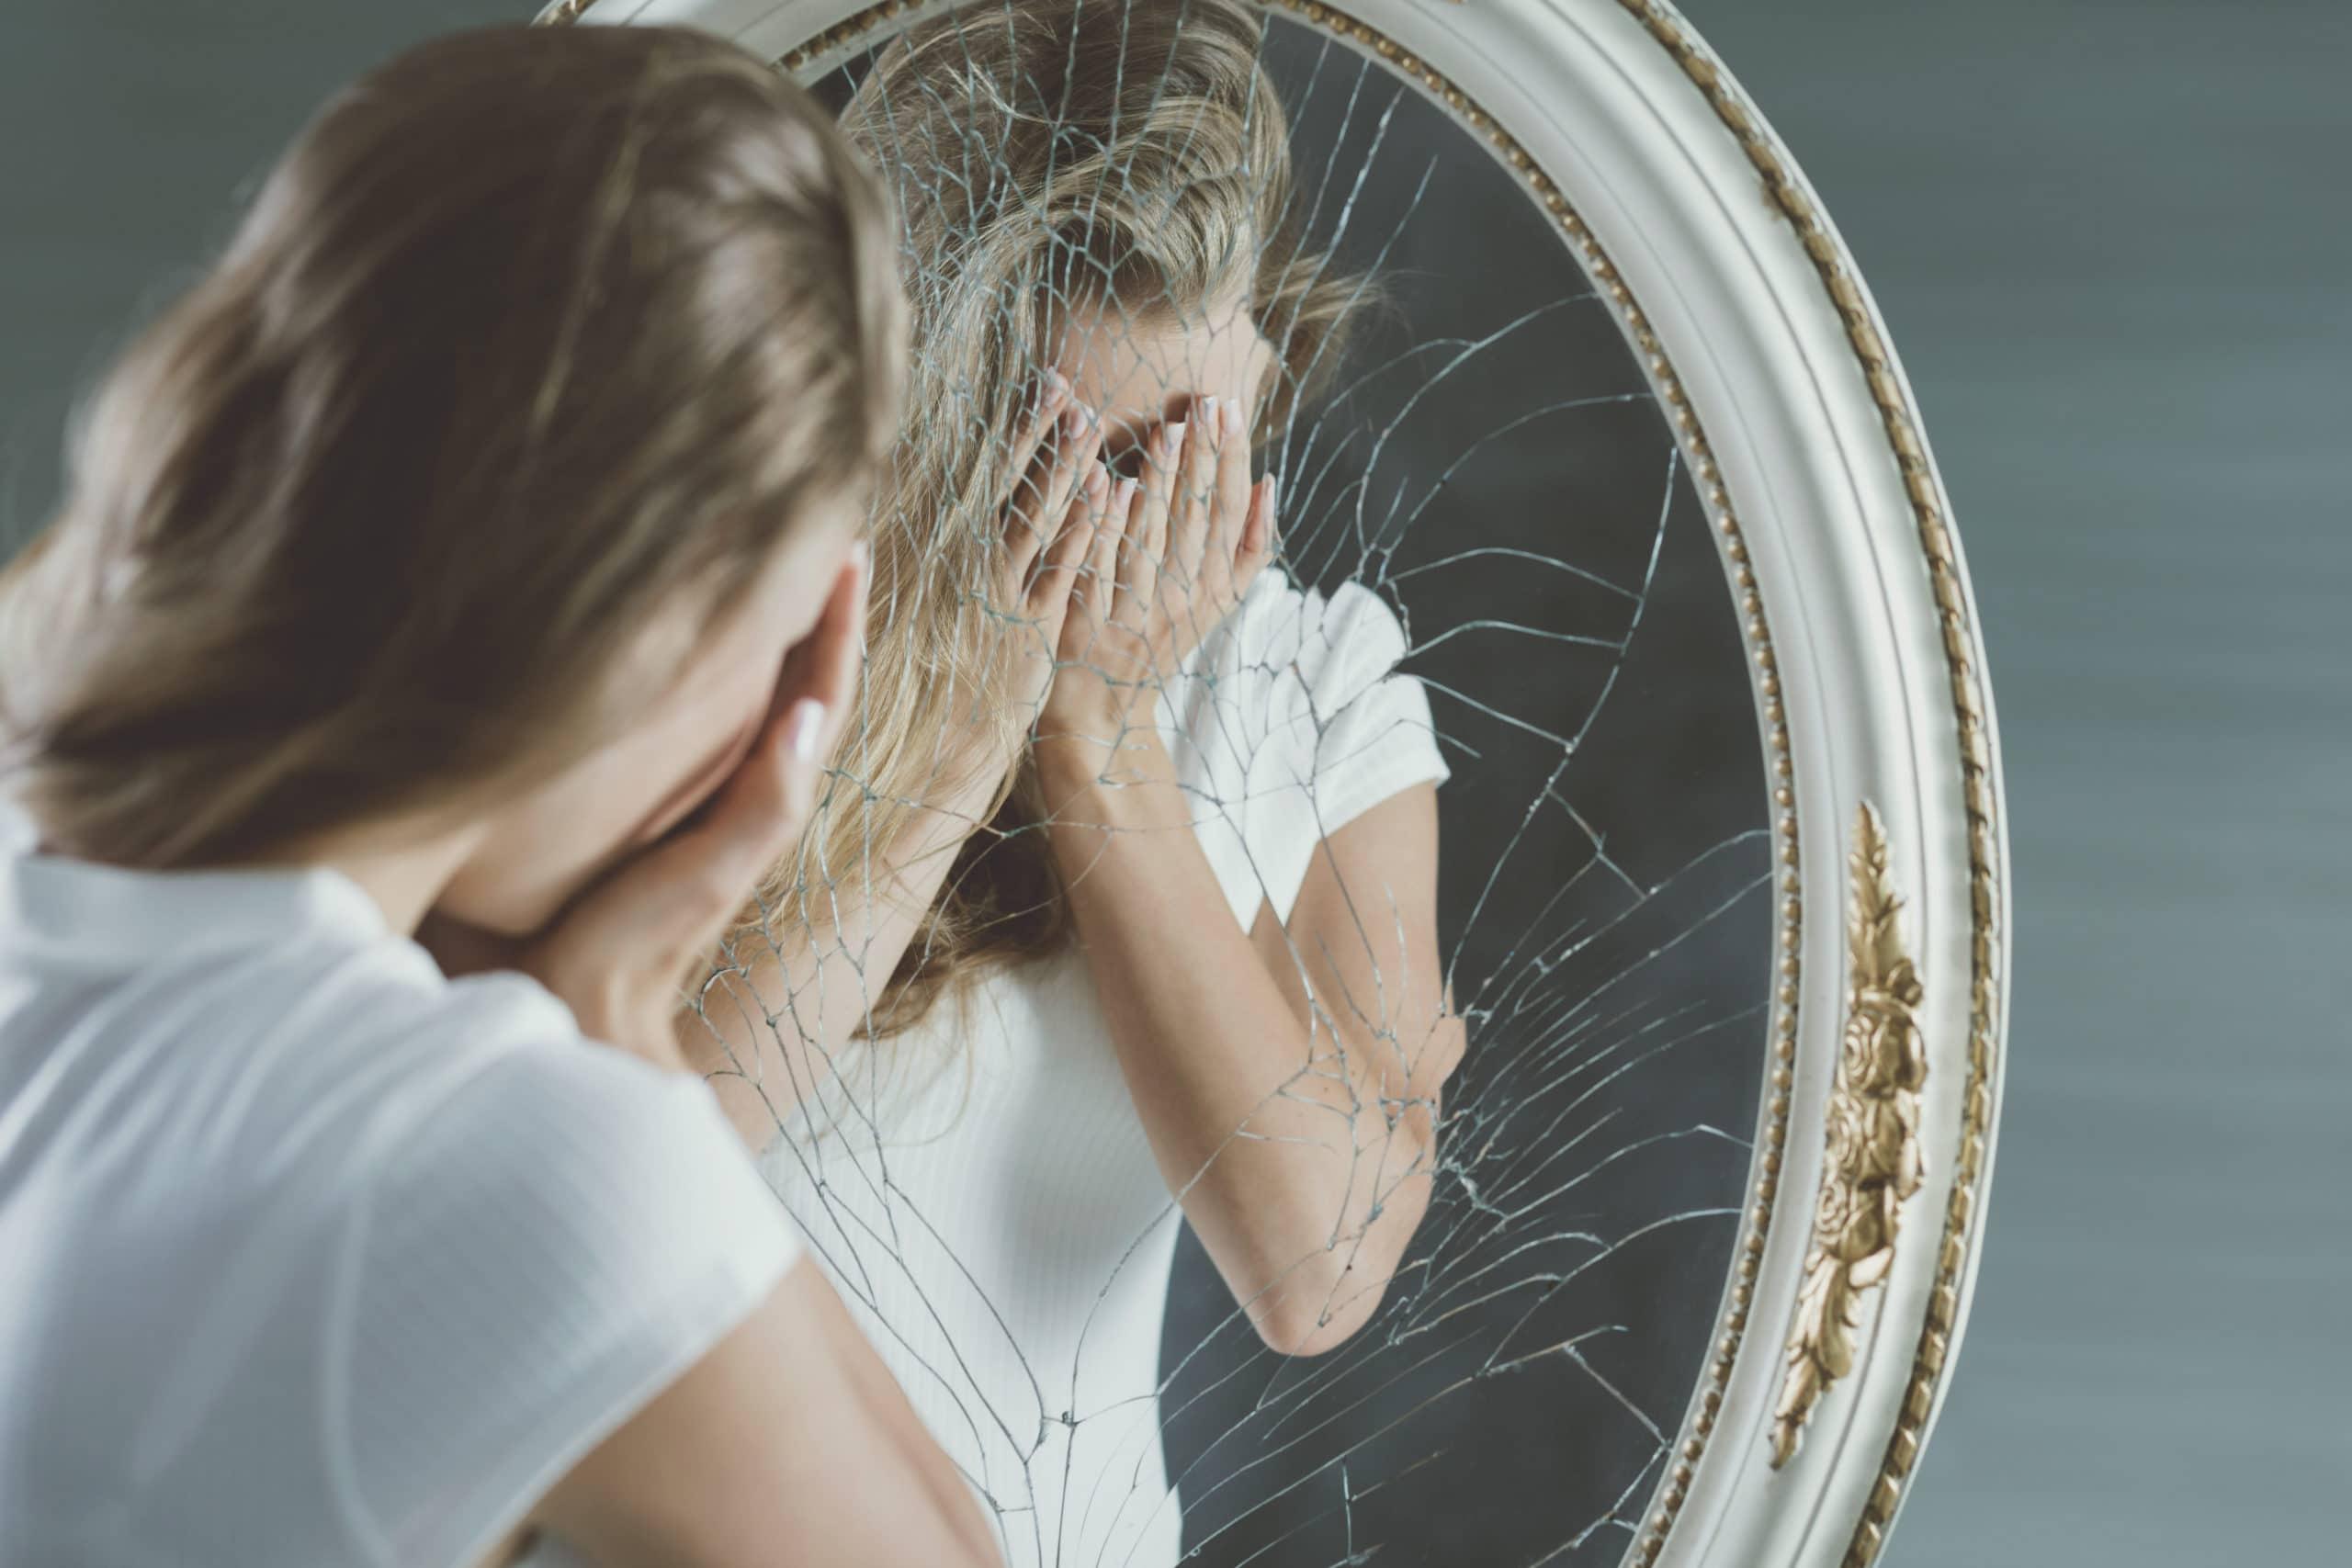 Почему нельзя смотреть в зеркало, когда плачешь?